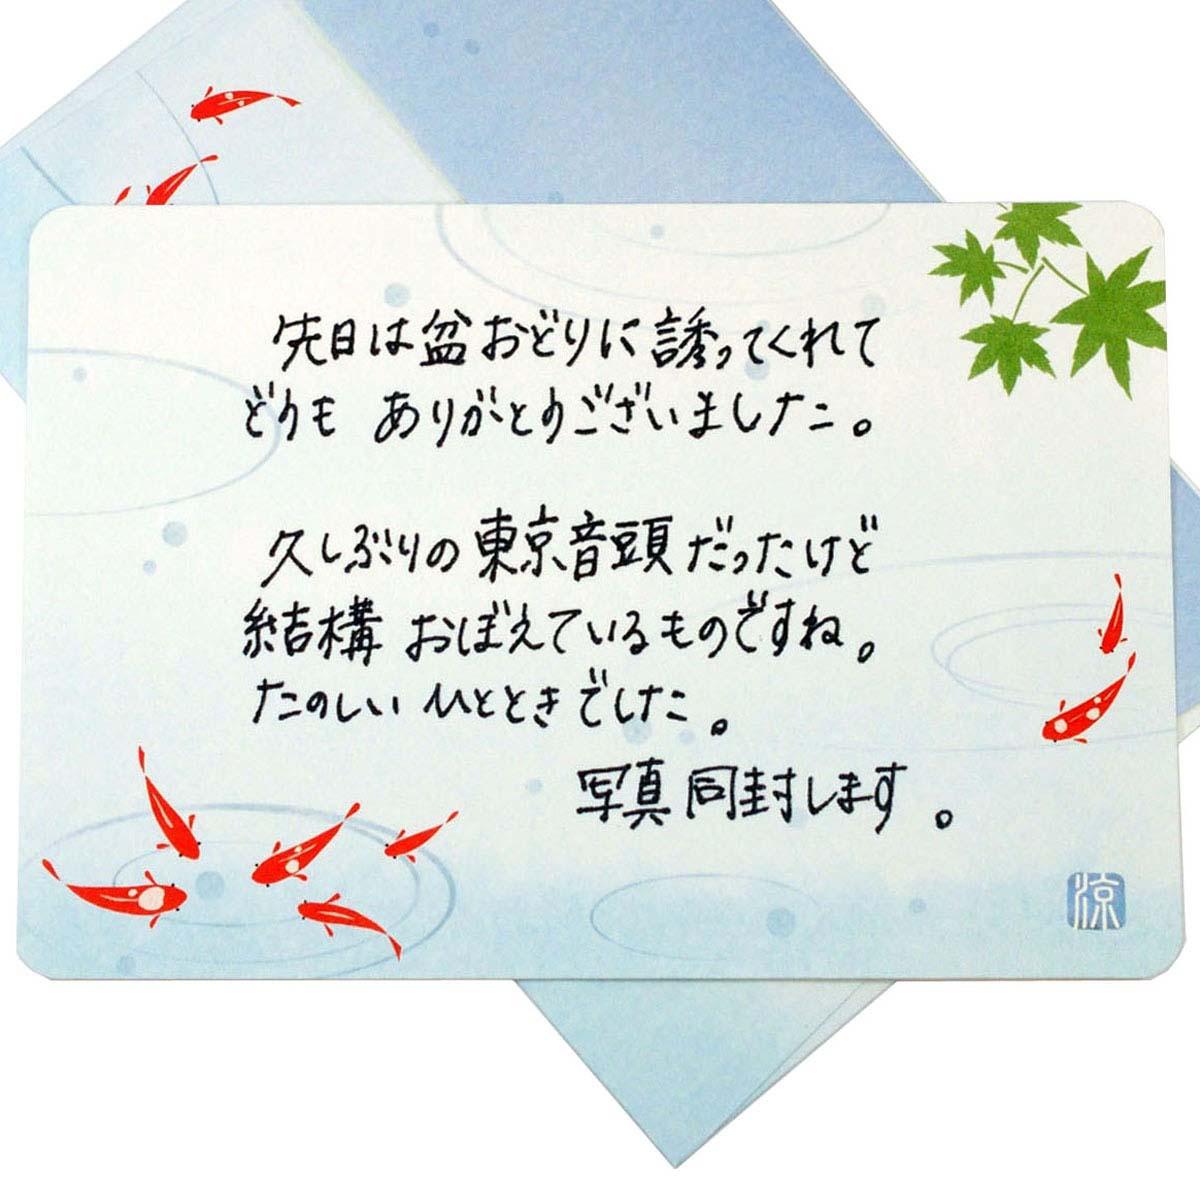 ミニレターセット きんぎょ mls-030